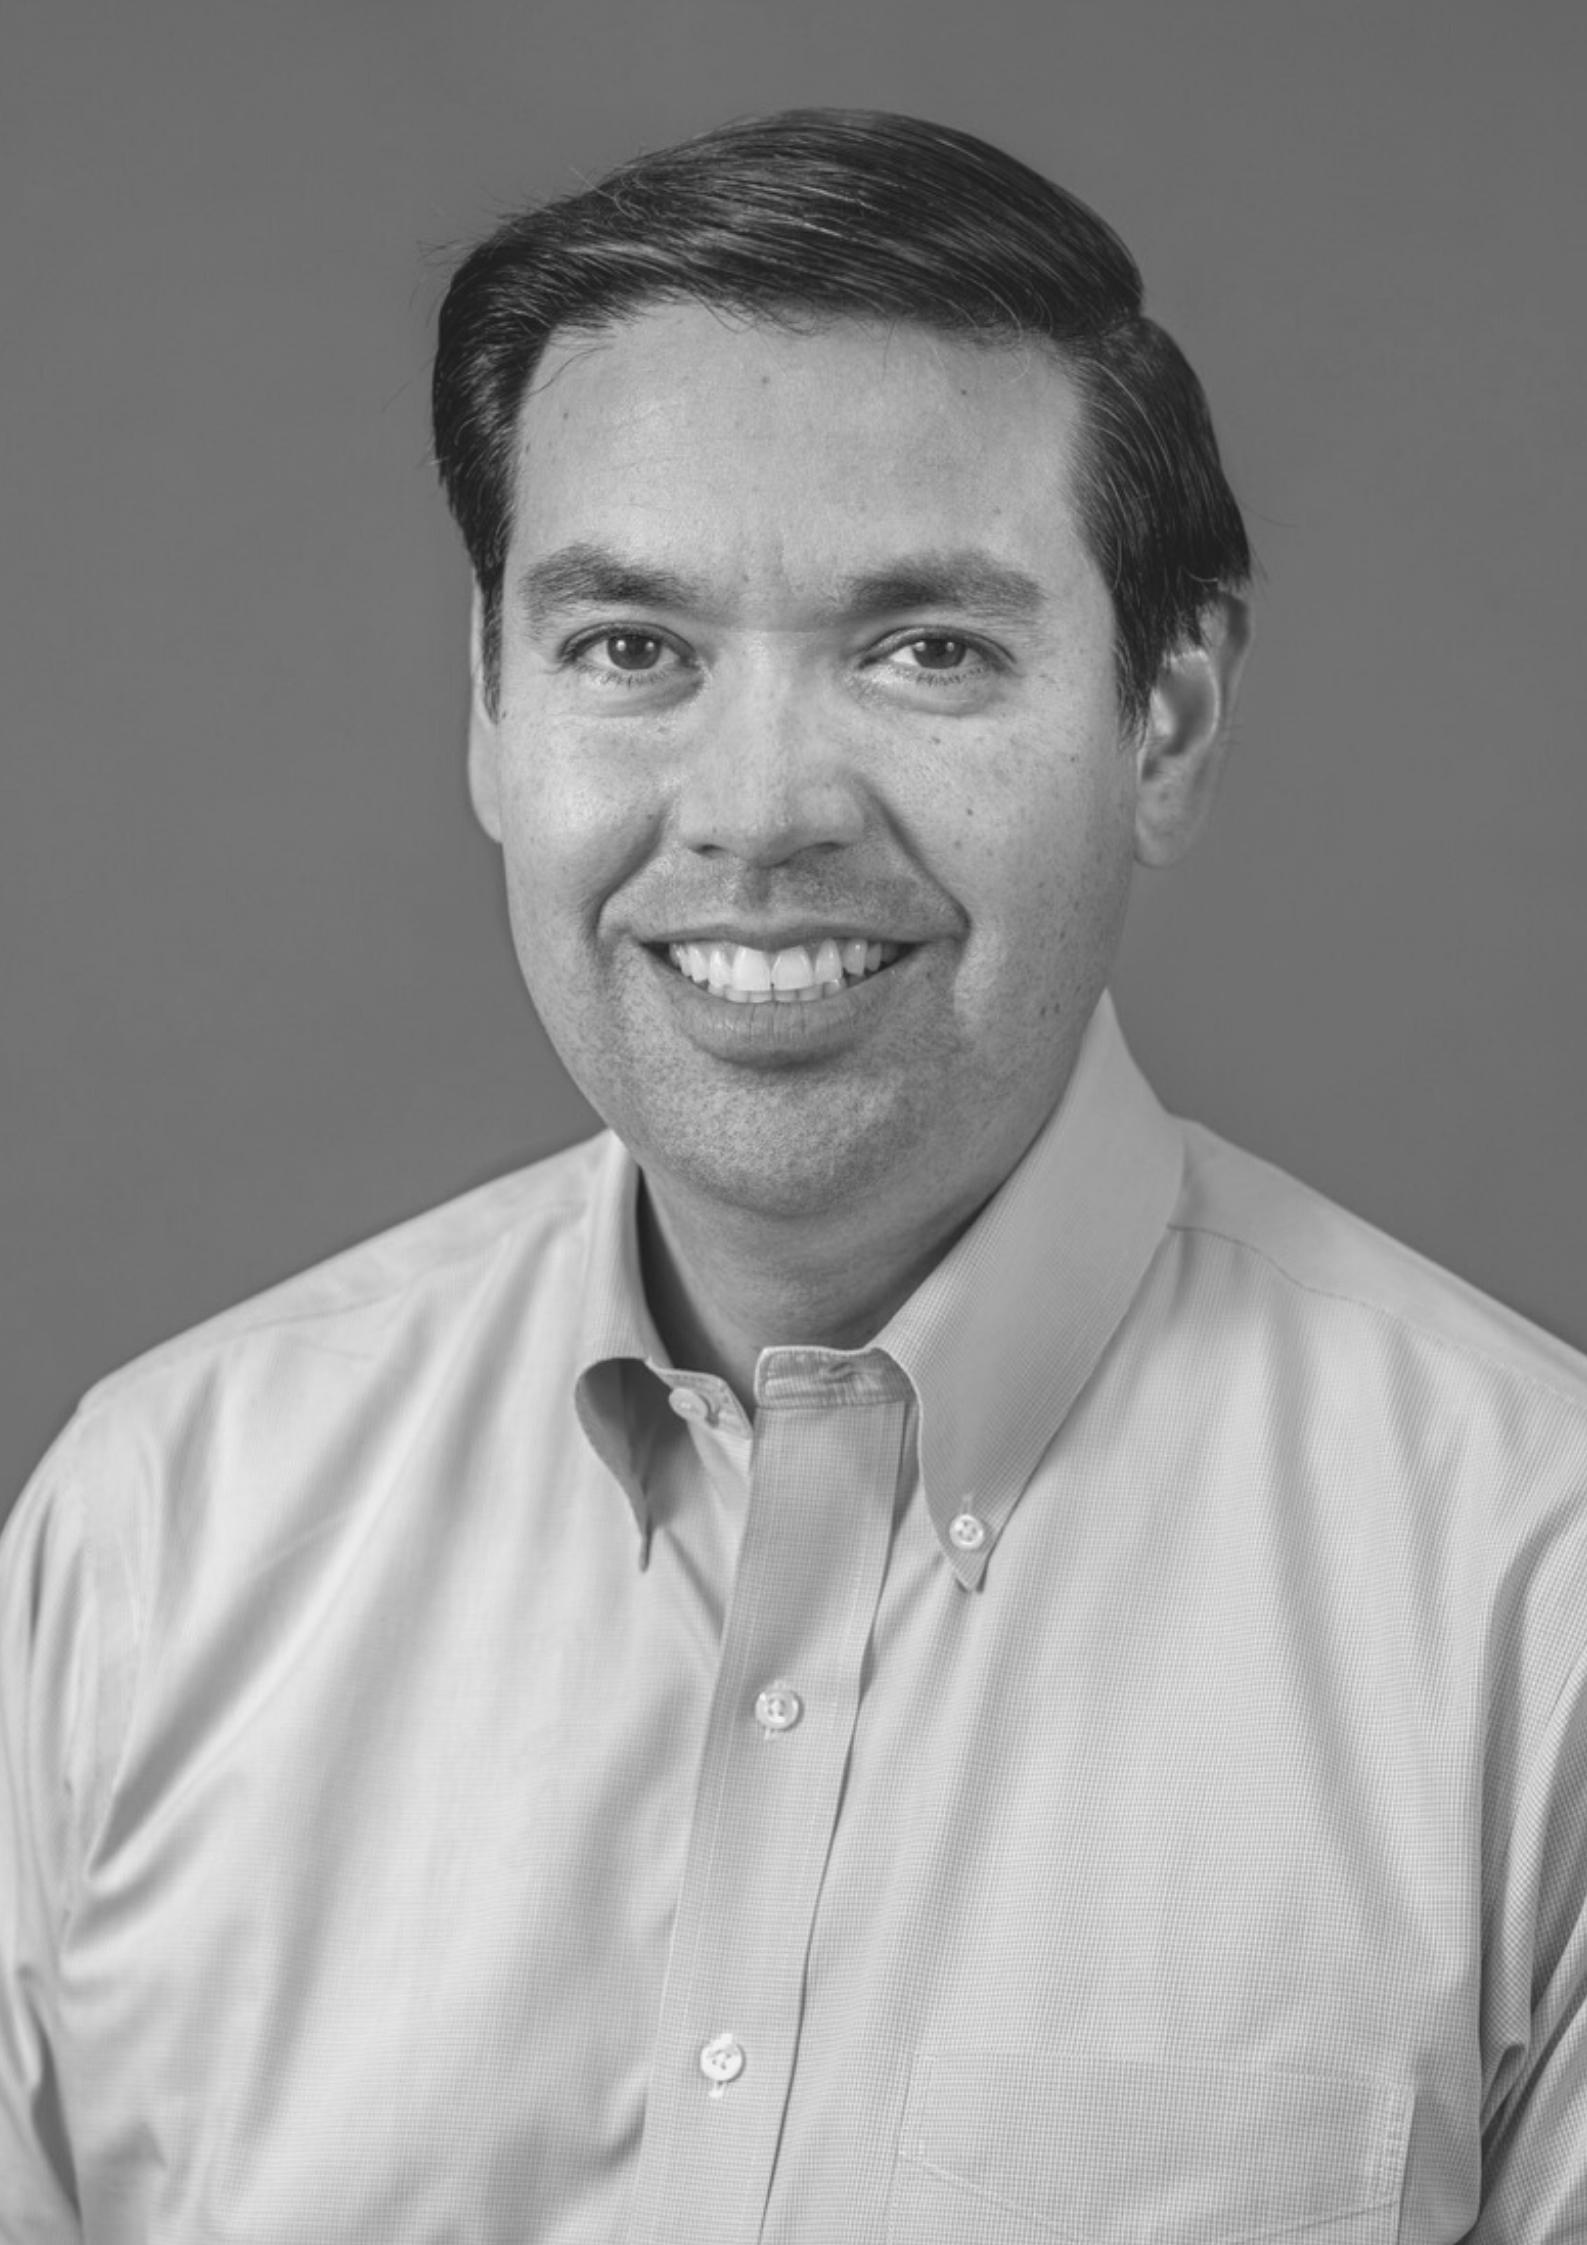 Claudio Cavassa